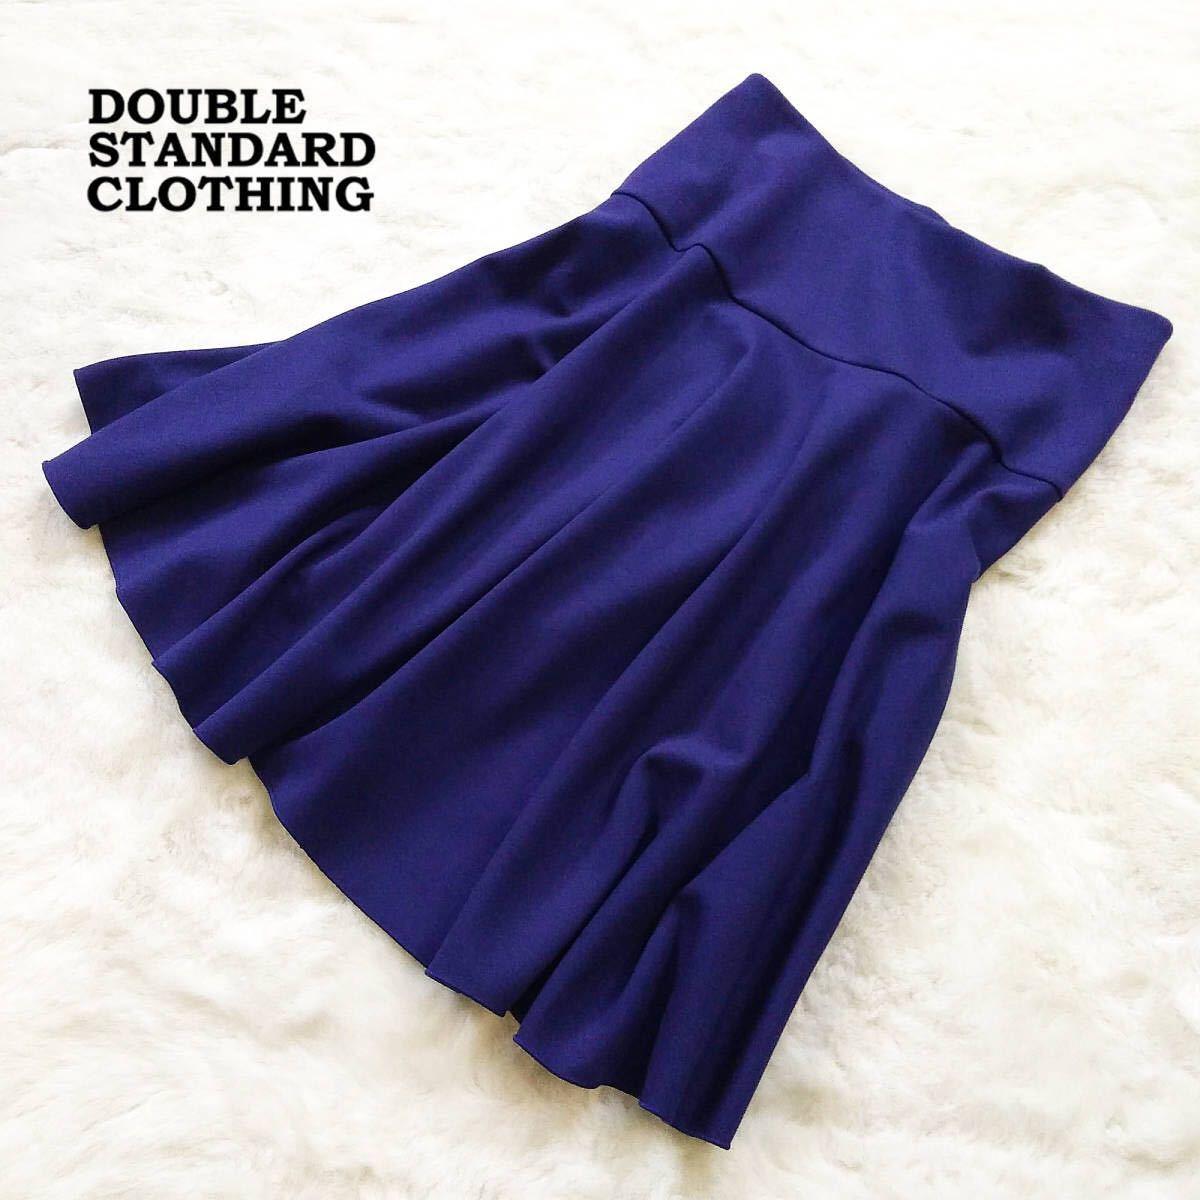 ダブルスタンダードクロージング ポンチスカート ロイヤルブルー パープルネイビー 膝丈 ゴムウエスト DOUBLE STANDARD CLOTHING